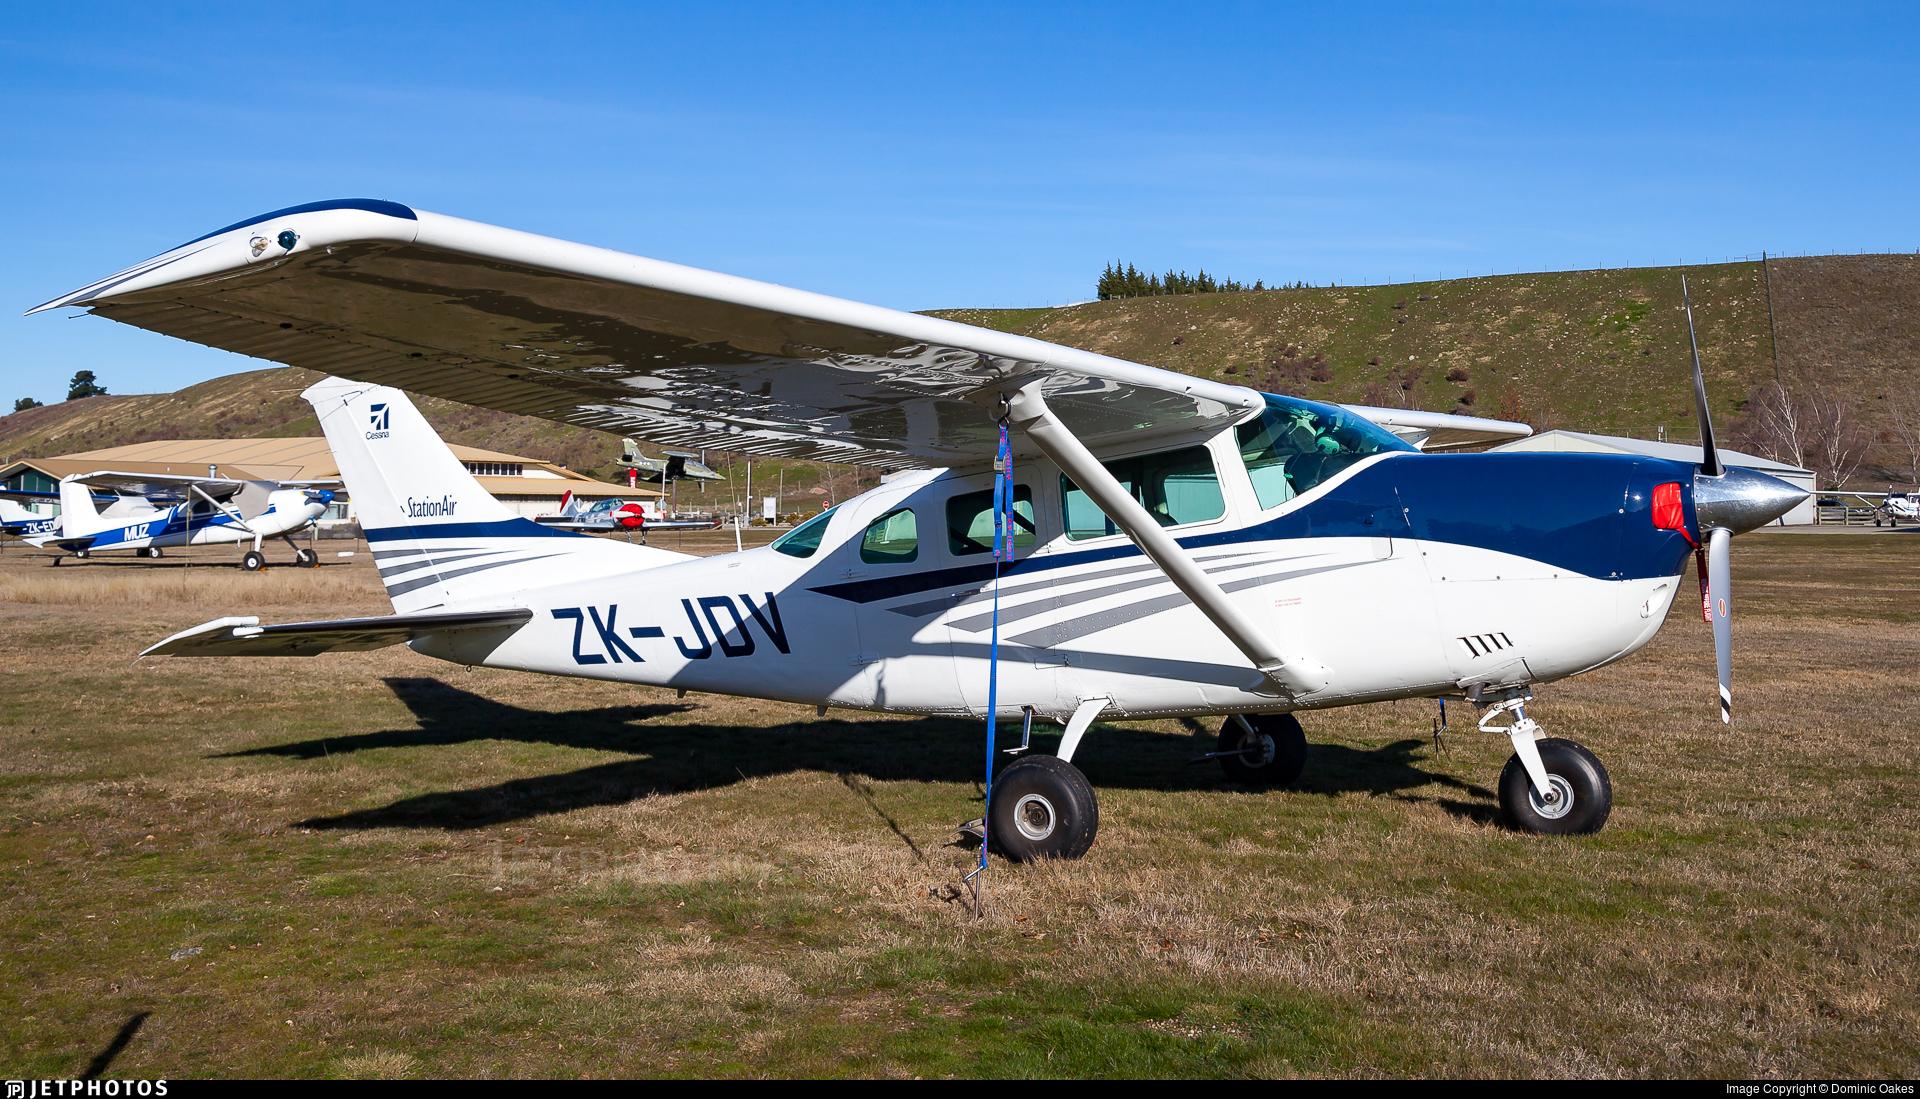 ZK-JDV - Cessna U206G Stationair - Private